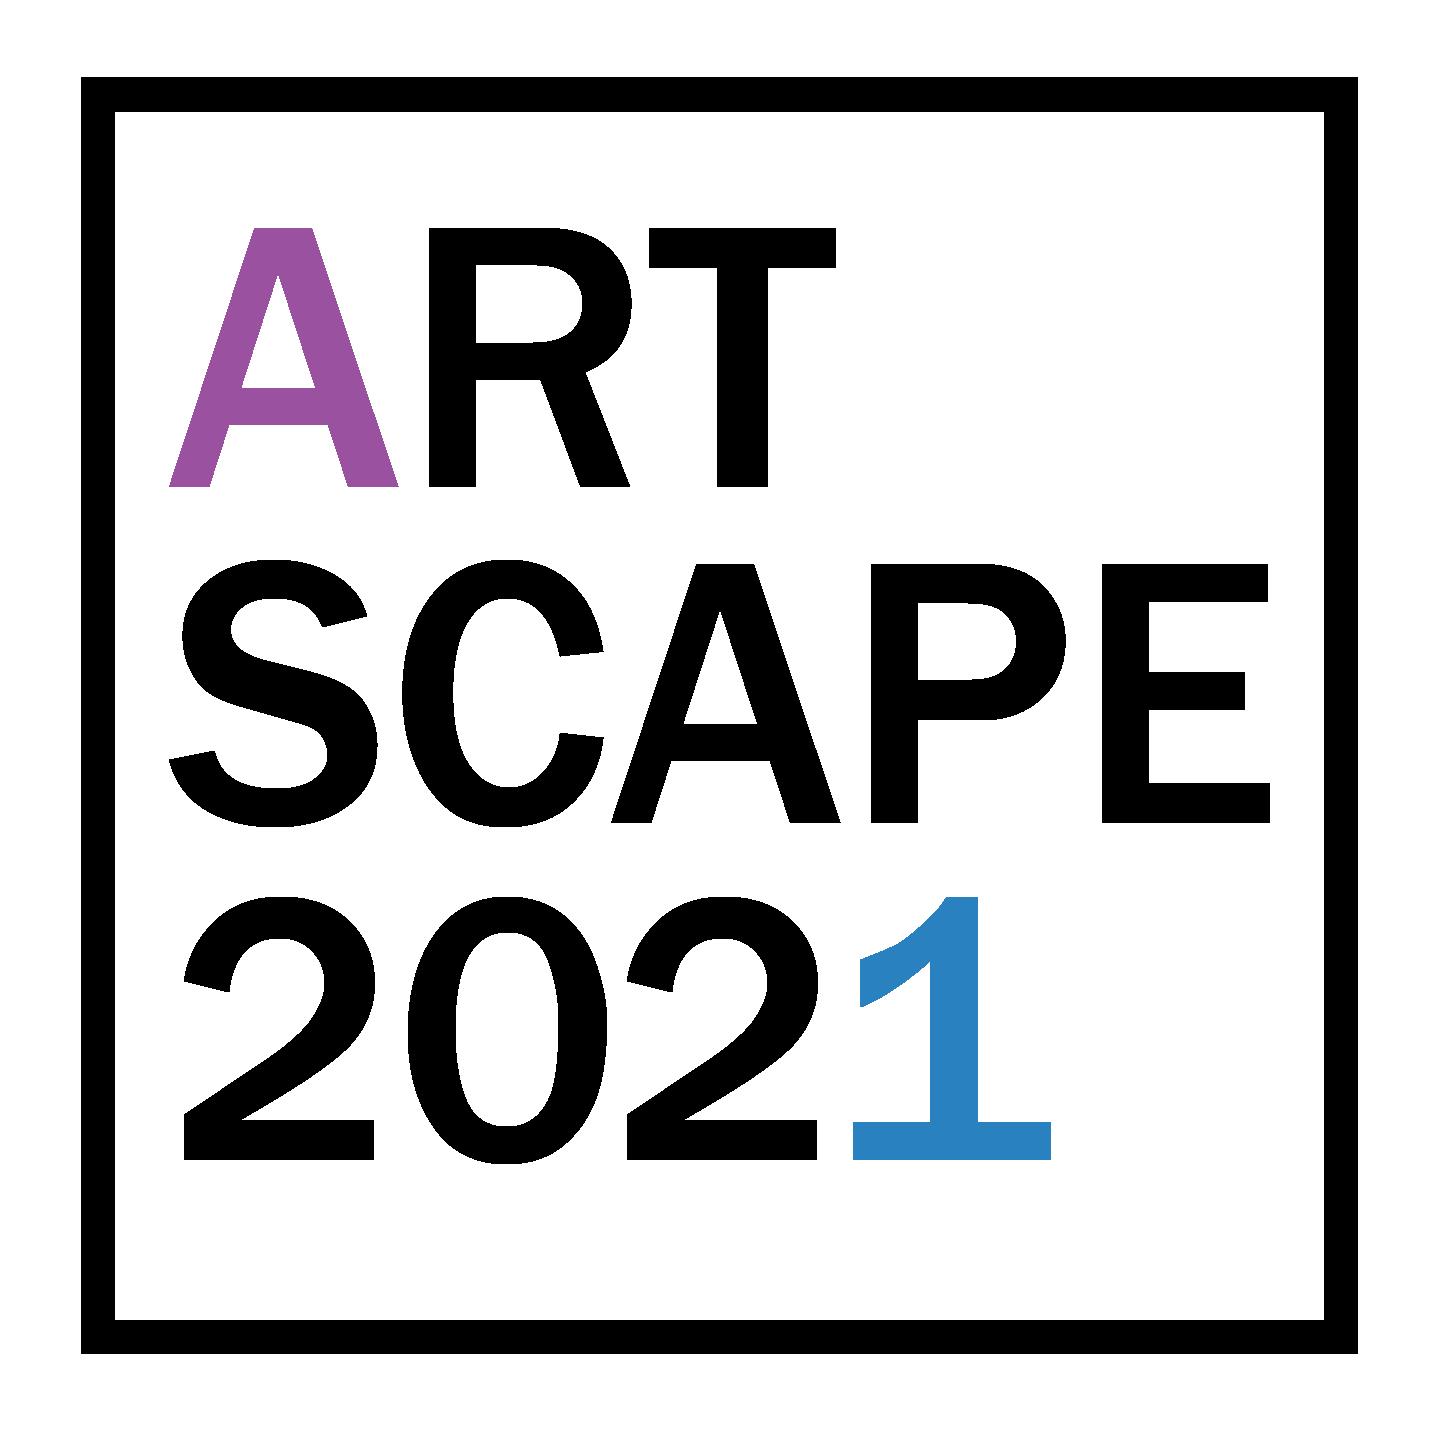 Artscape 2021 logo png